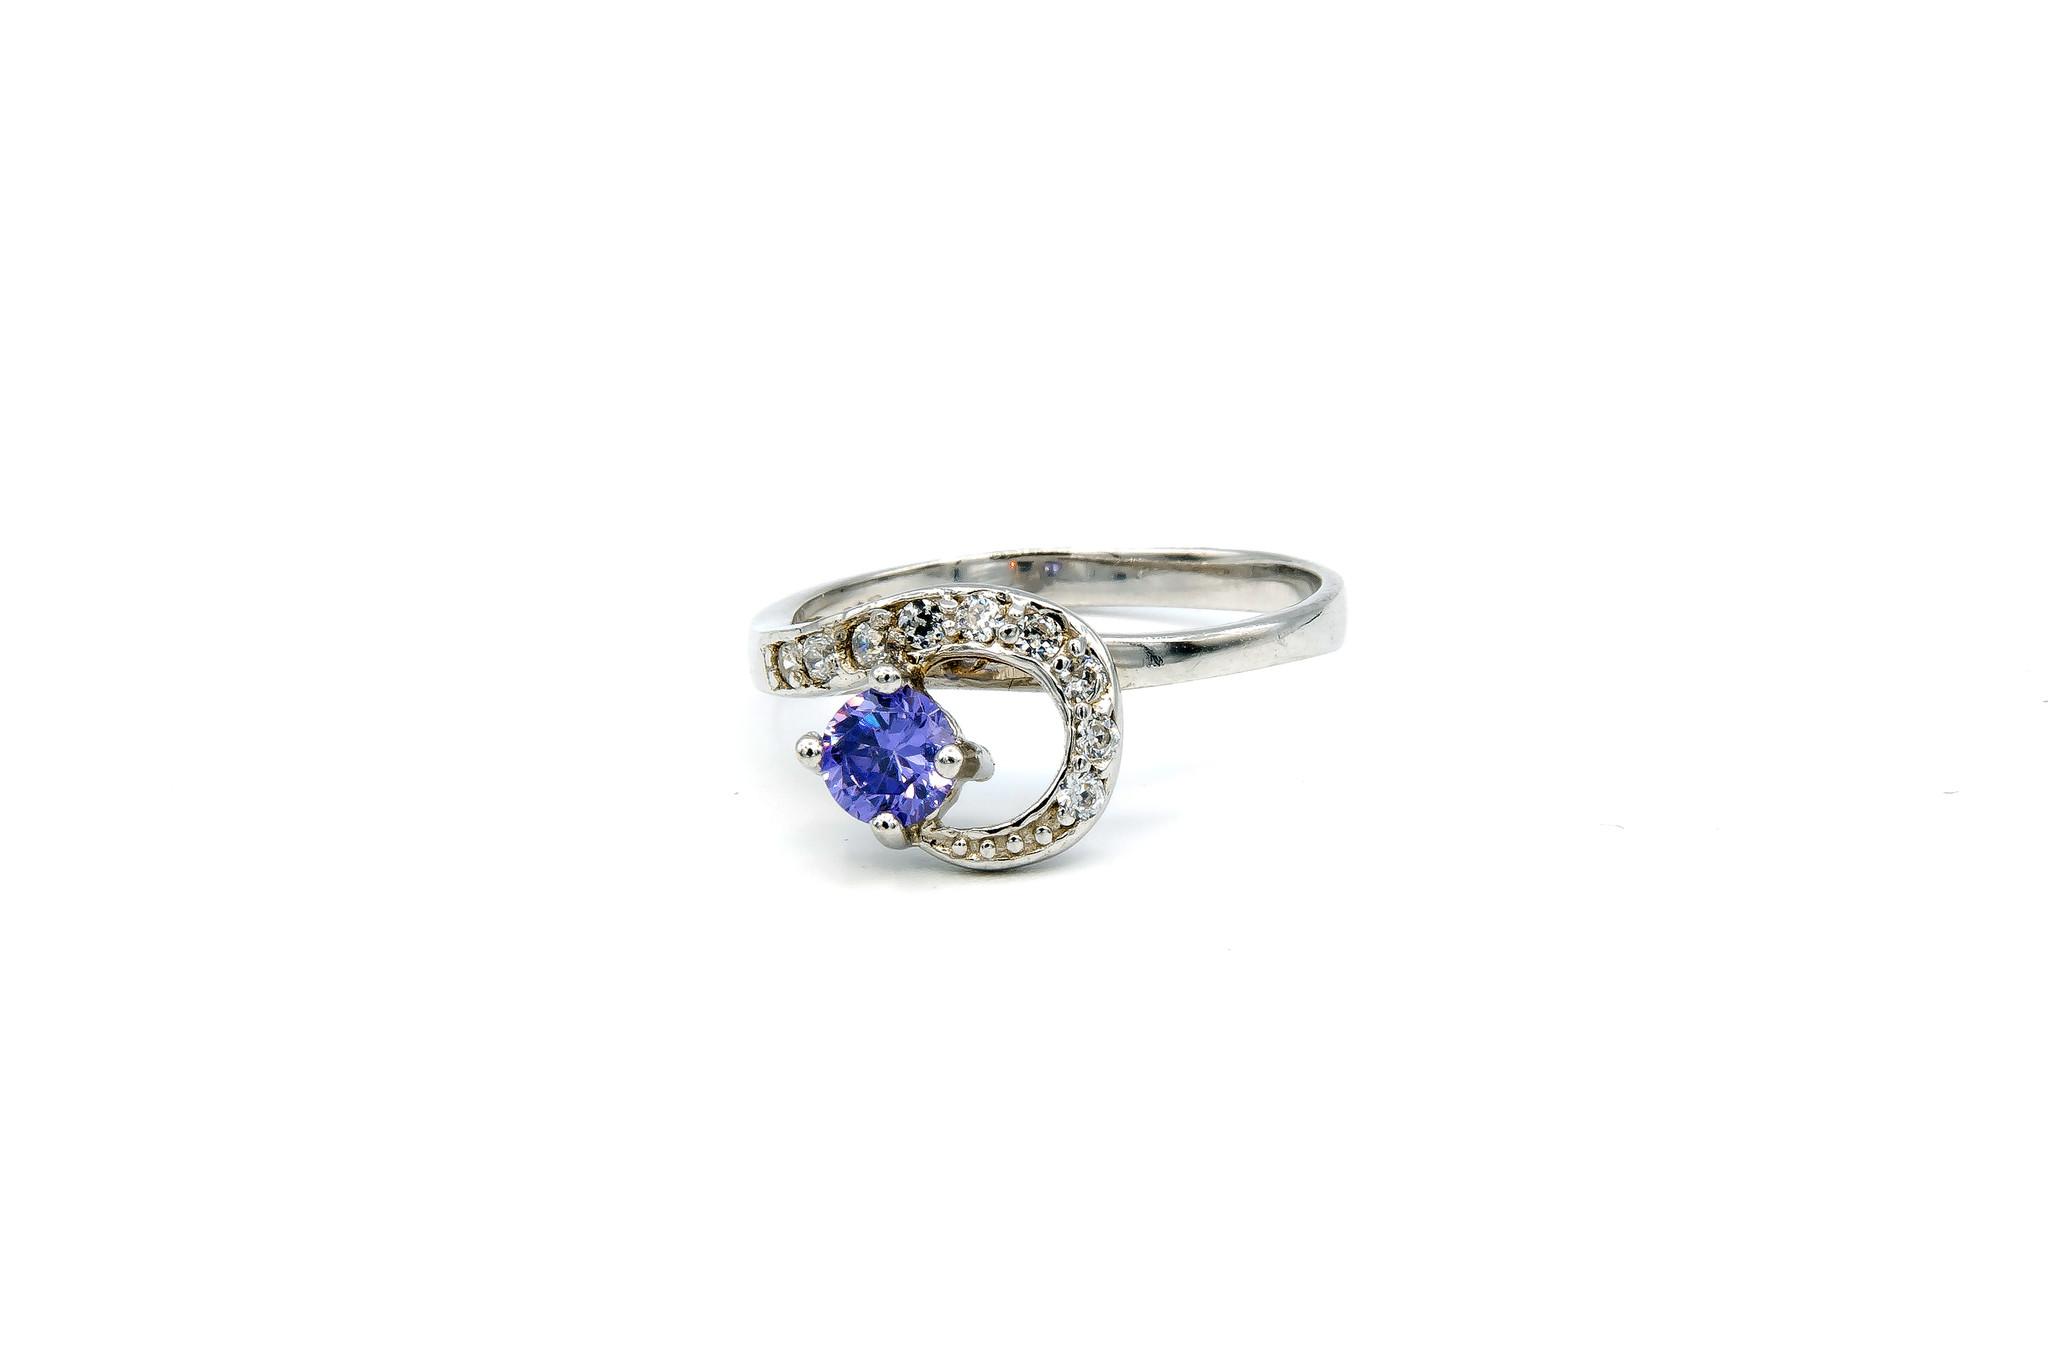 Ring verlovingsring lusje ingezet met zirkonia's en paarse steen zilver-1